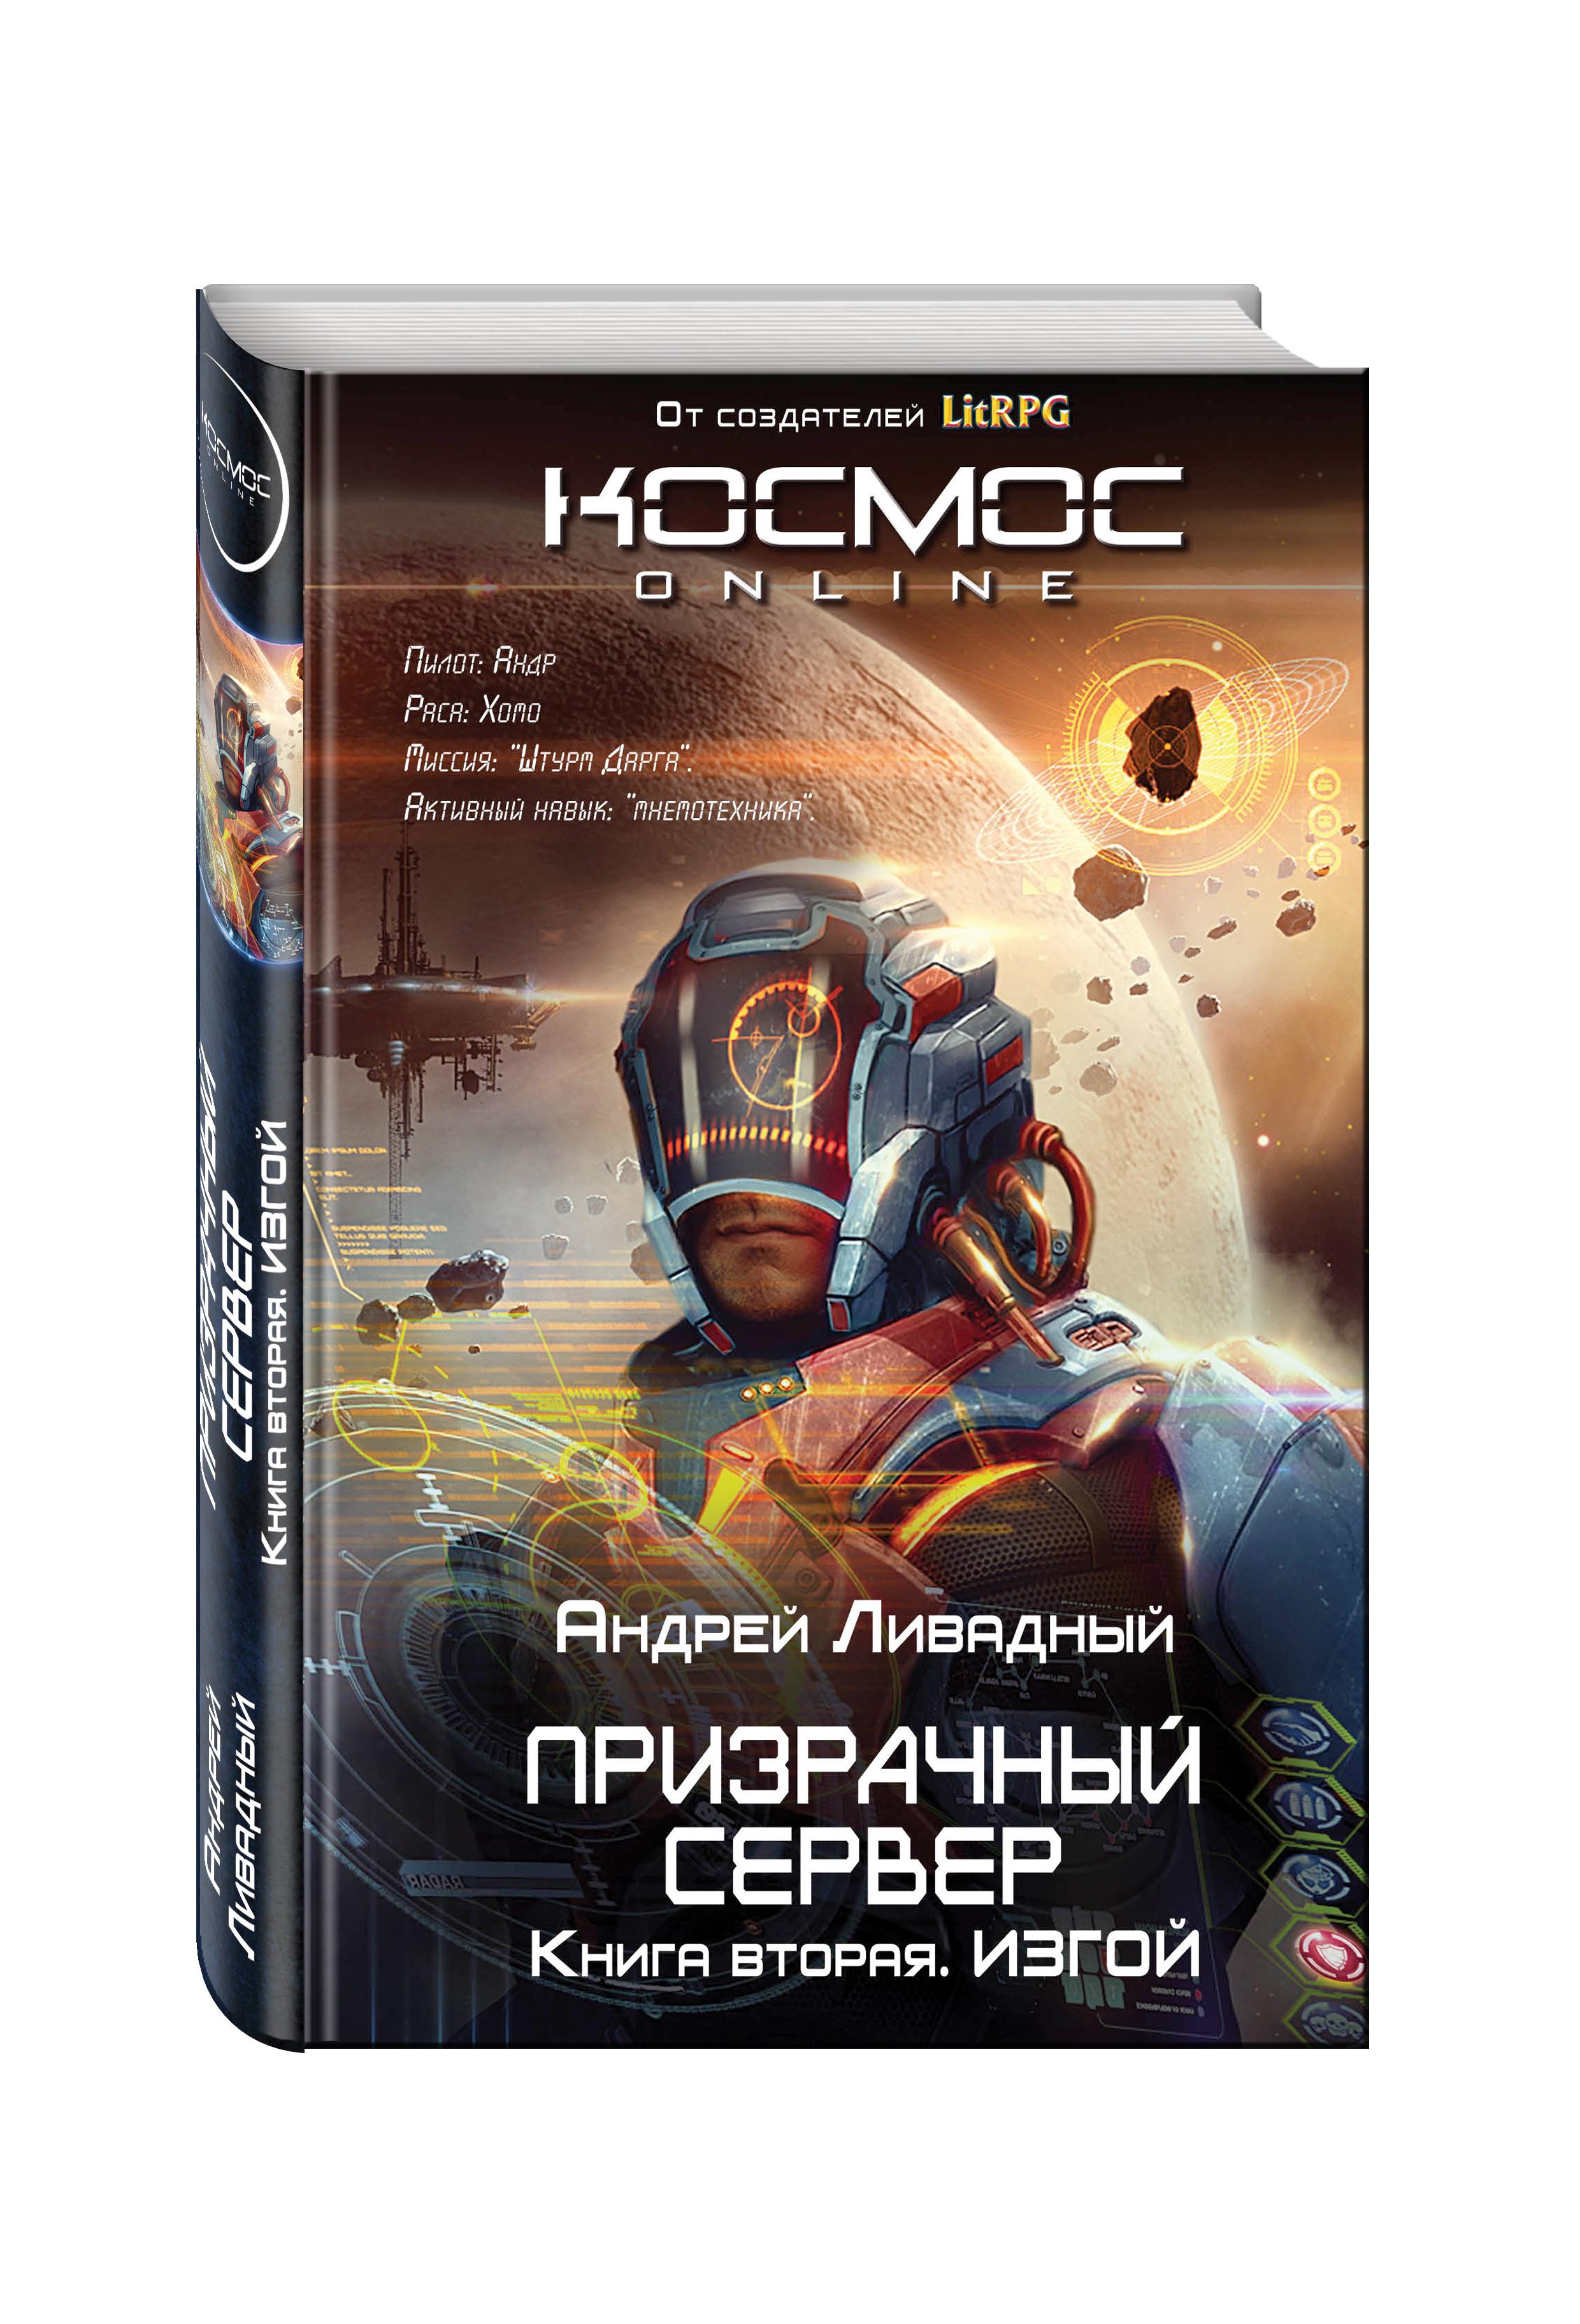 Андрей Ливадный Призрачный Сервер. Изгой андрей ливадный призрачный сервер чёрное солнце